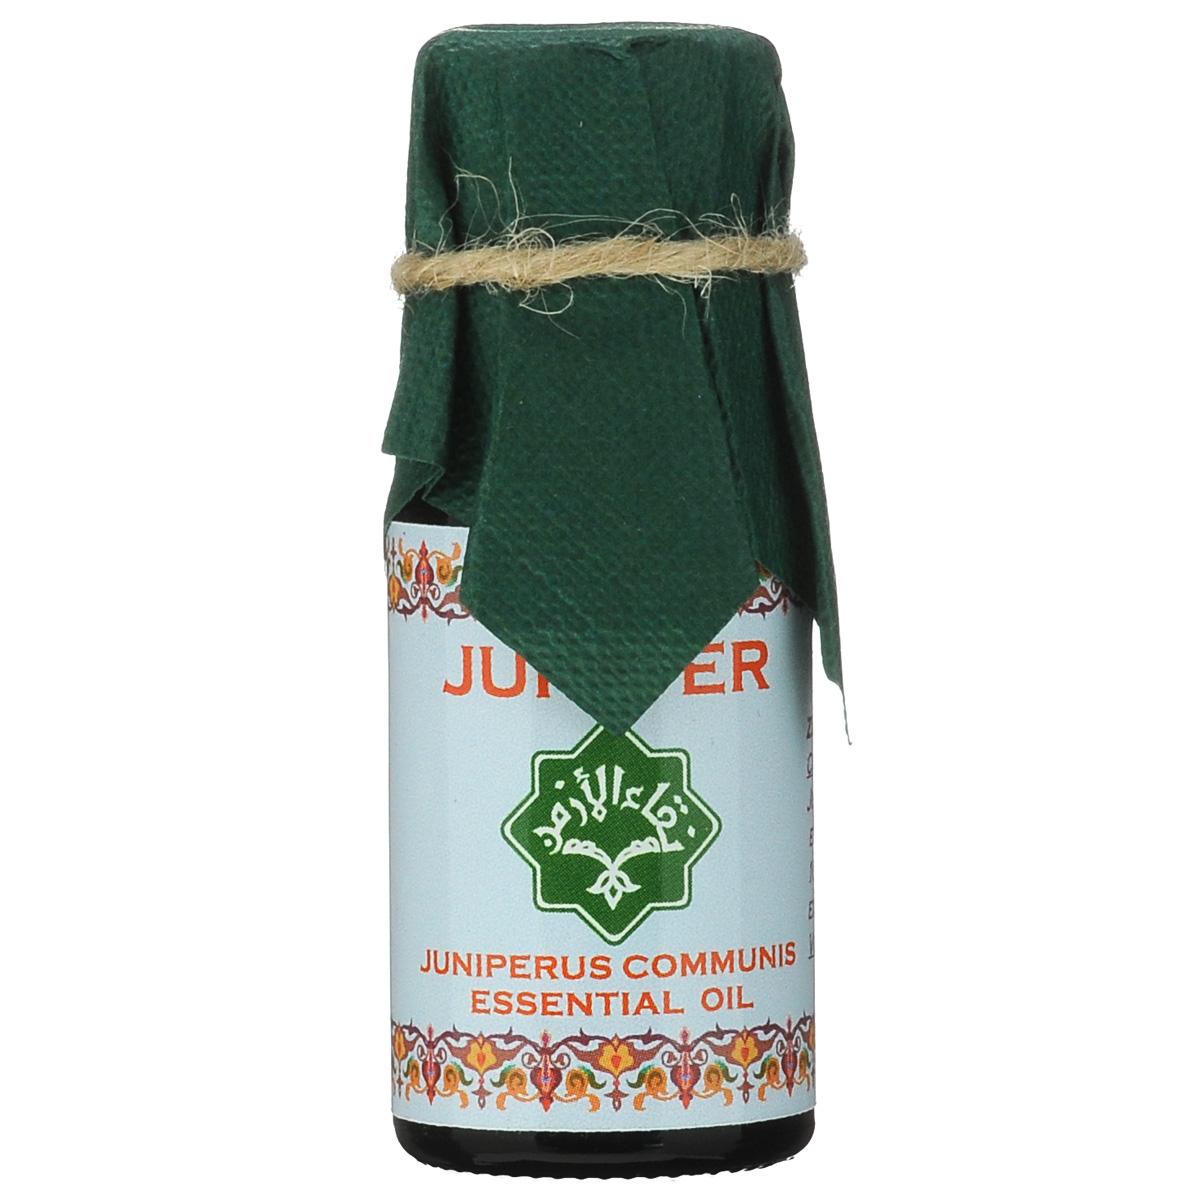 Зейтун Эфирное масло Можжевельник, 10 млZ3635Абсолютно чистое, 100% натуральное эфирное масло Можжевельника, произведенное в соответствии со стандартом европейской фармакопеи; по своим качествам и свойствам значительно превосходит дешевые аналоги. Применение в ароматерапии: Аромат против лени, апатии и скуки. Эфирное масло можжевельника освежает, повышает собранность, творческие и деловые качества личности. Устраняет стрессовые реакции и разрушительные эмоции: раздражительность, агрессию. Тонизирует, укрепляет нервы, повышает жизненную активность, избавляет от чувства страха, устраняет апатию, умственное утомление, проясняет мироощущение. Можжевельник помогает всегда находить идеальный выход из сложных ситуаций. Создает идеальную атмосферу для центрирующих упражнений. Запах можжевельника стимулирует, восстанавливает душевное равновесие, направляет мысли и чувства к благородным целям. Косметические свойства: Масло можжевельника служит тоником для жирной кожи, а также для пораженной себореей кожи головы. Избавляет от...